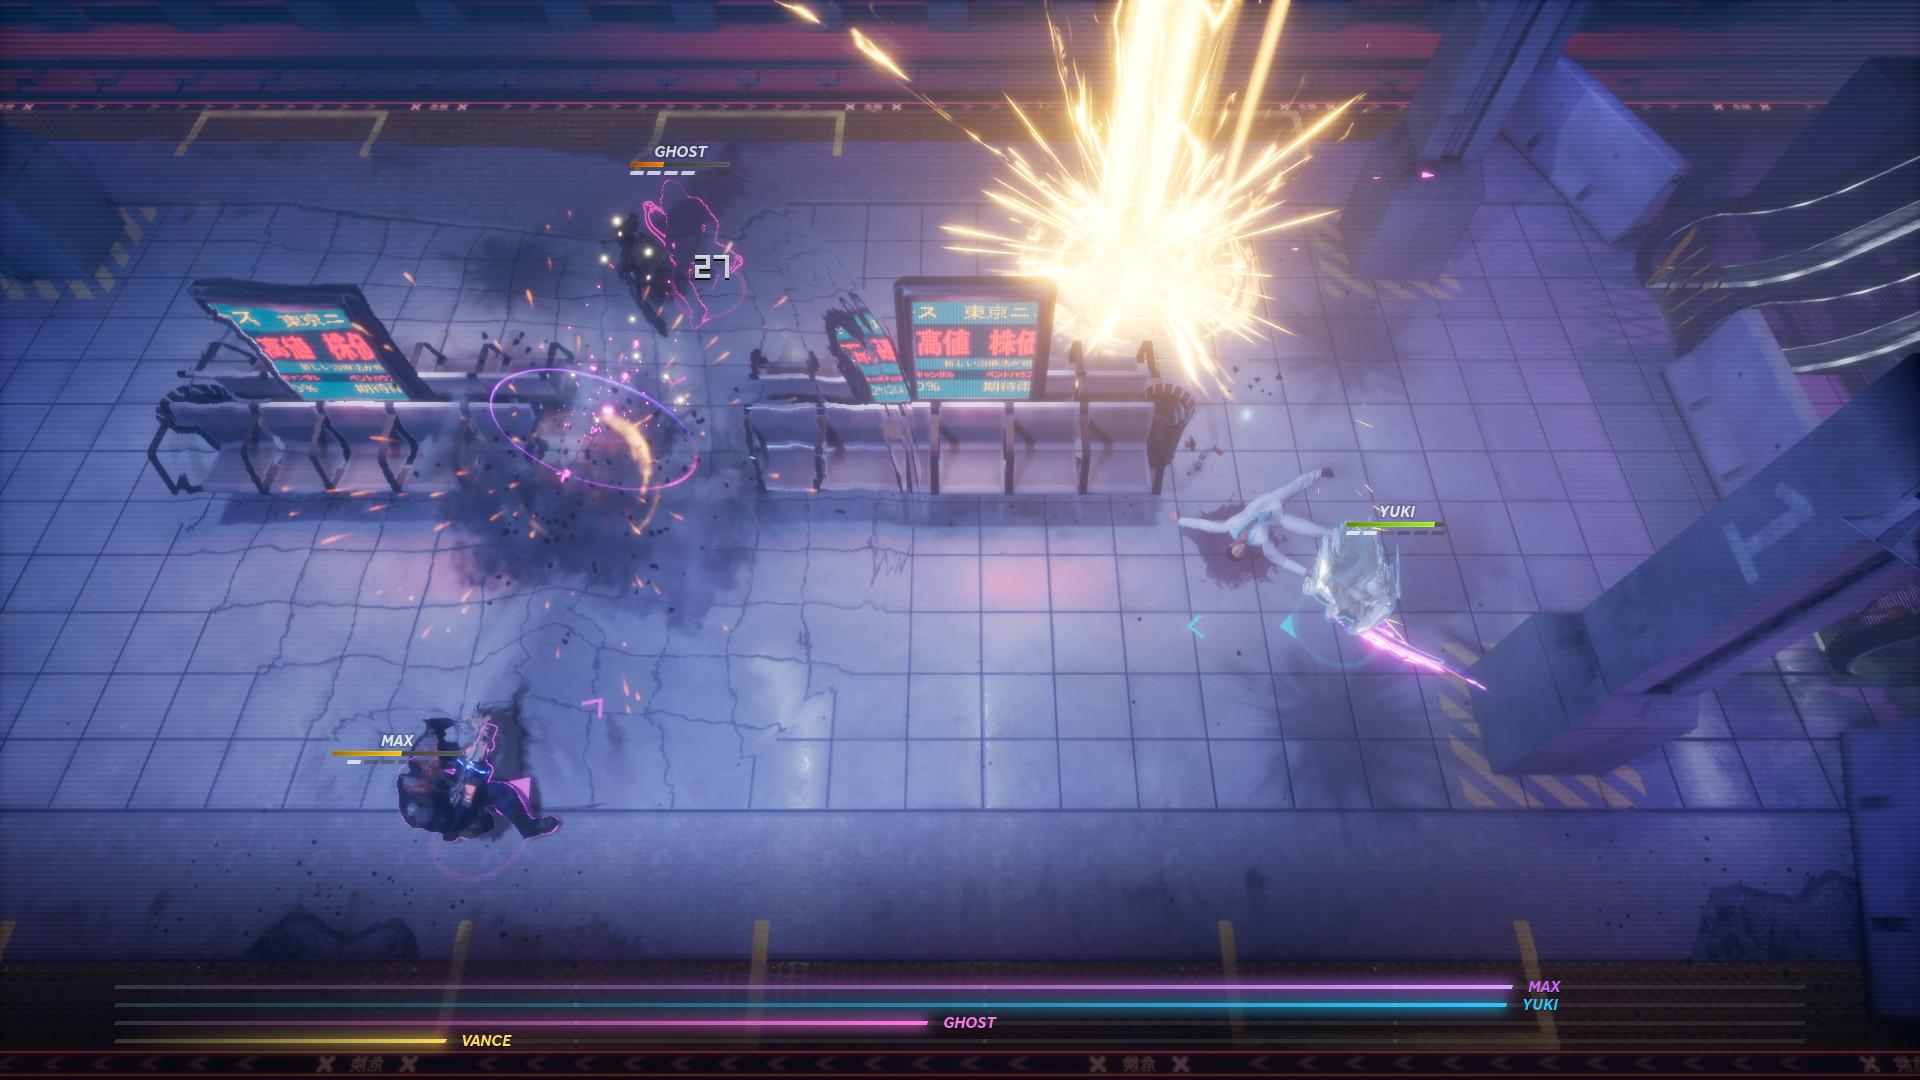 hyper jam 3 - دانلود بازی آنلاین Hyper Jam